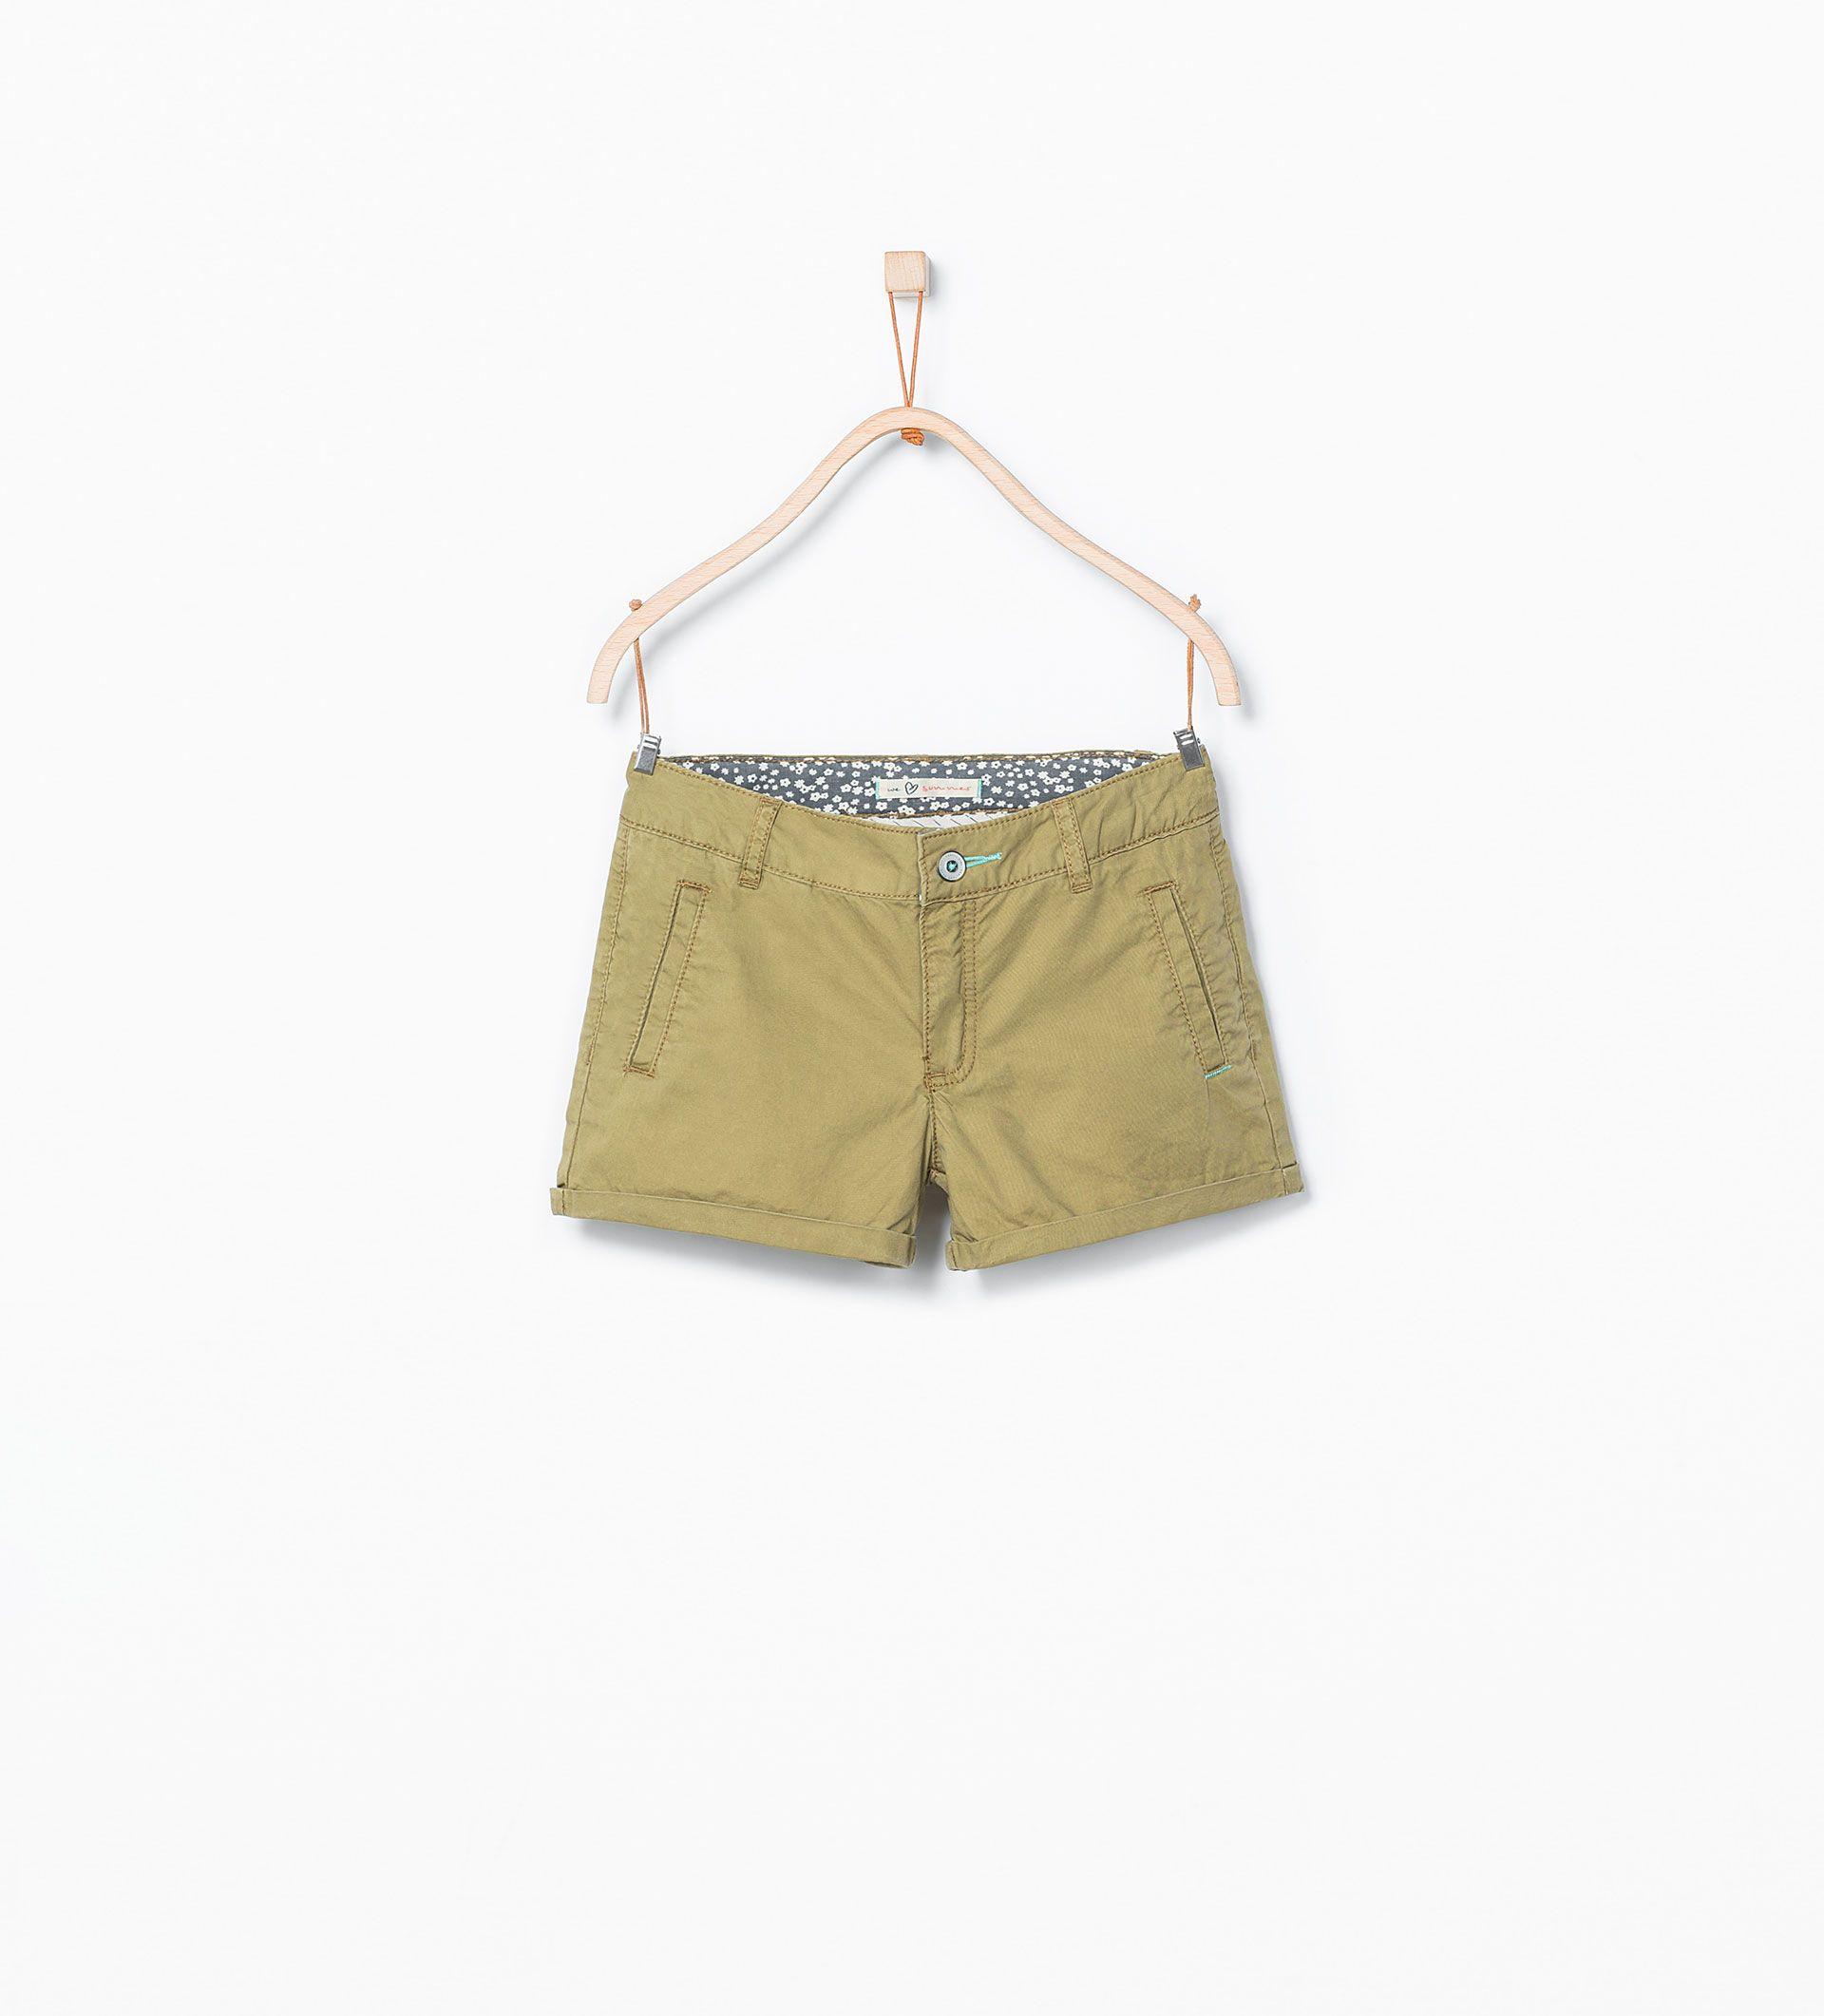 ZARA - ENFANTS - Short motif sur une poche